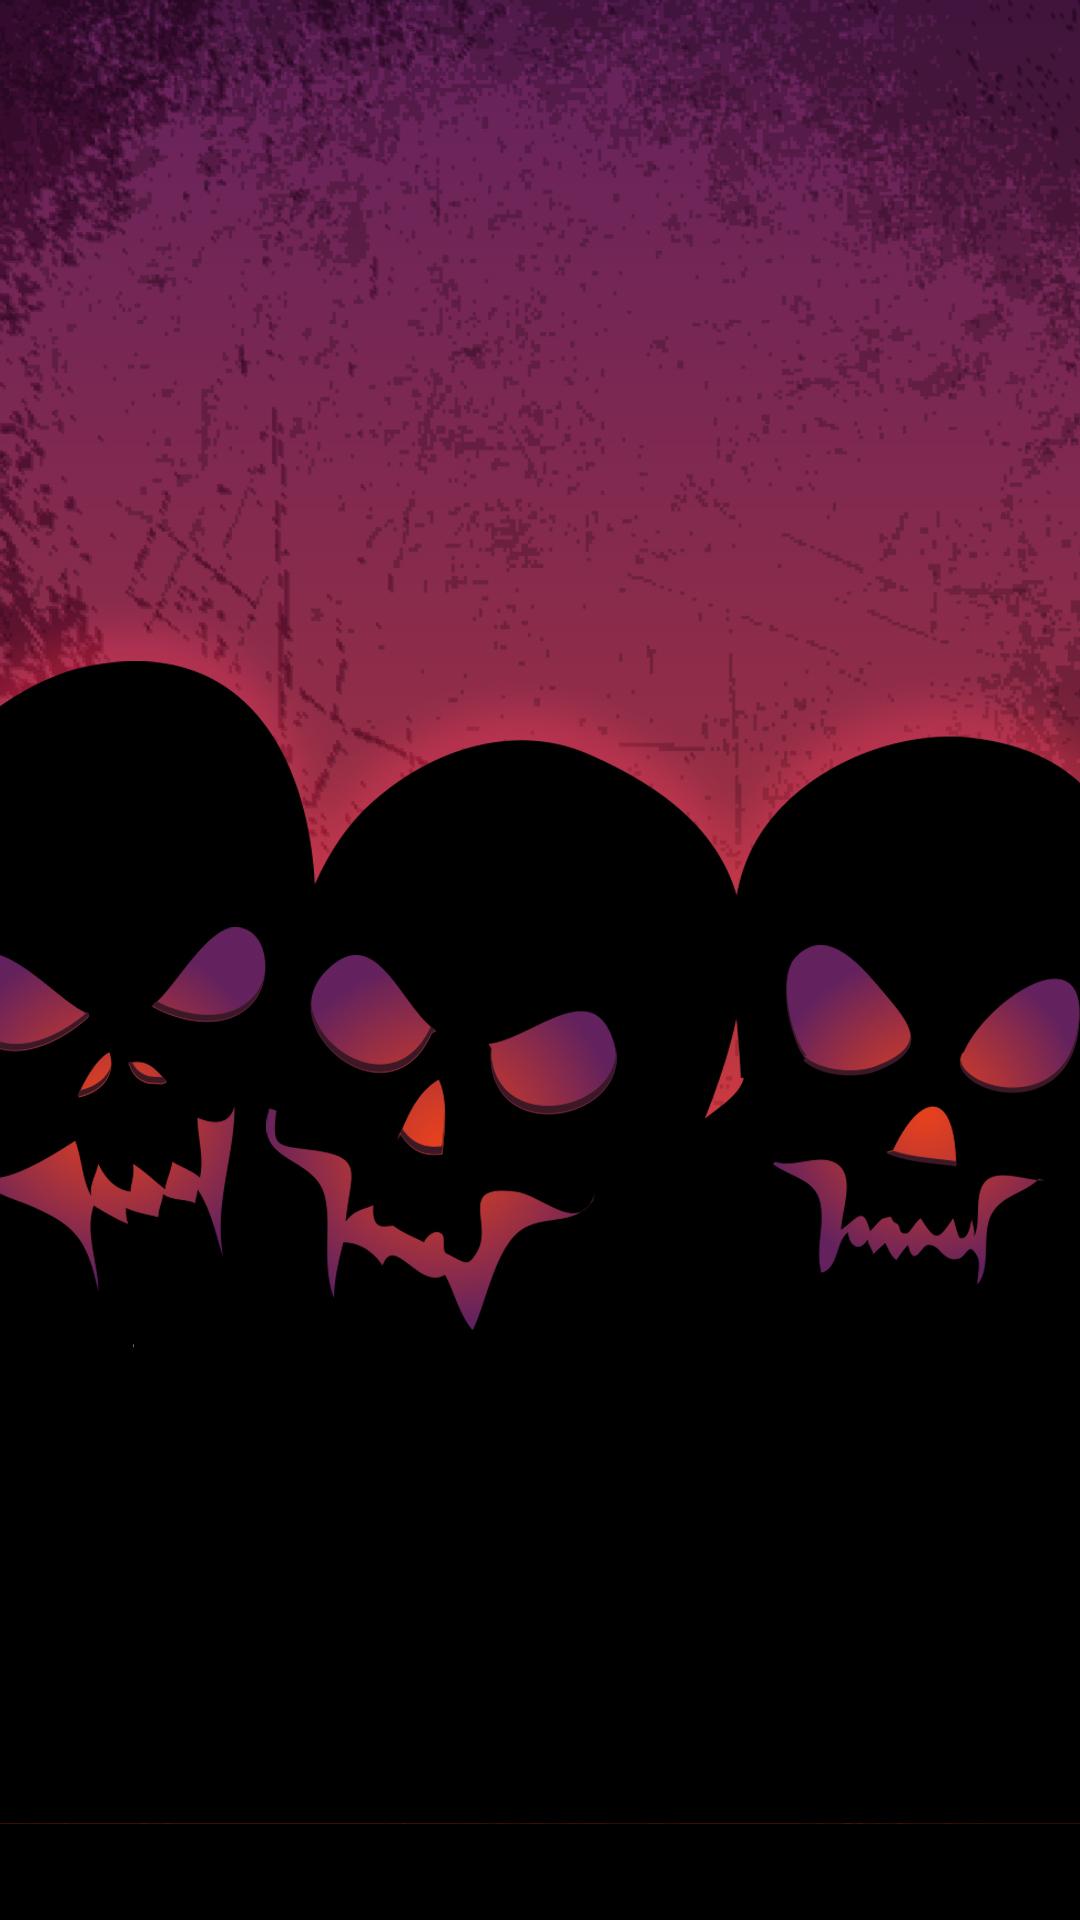 Download Wicked Skulls Phone Wallpaper